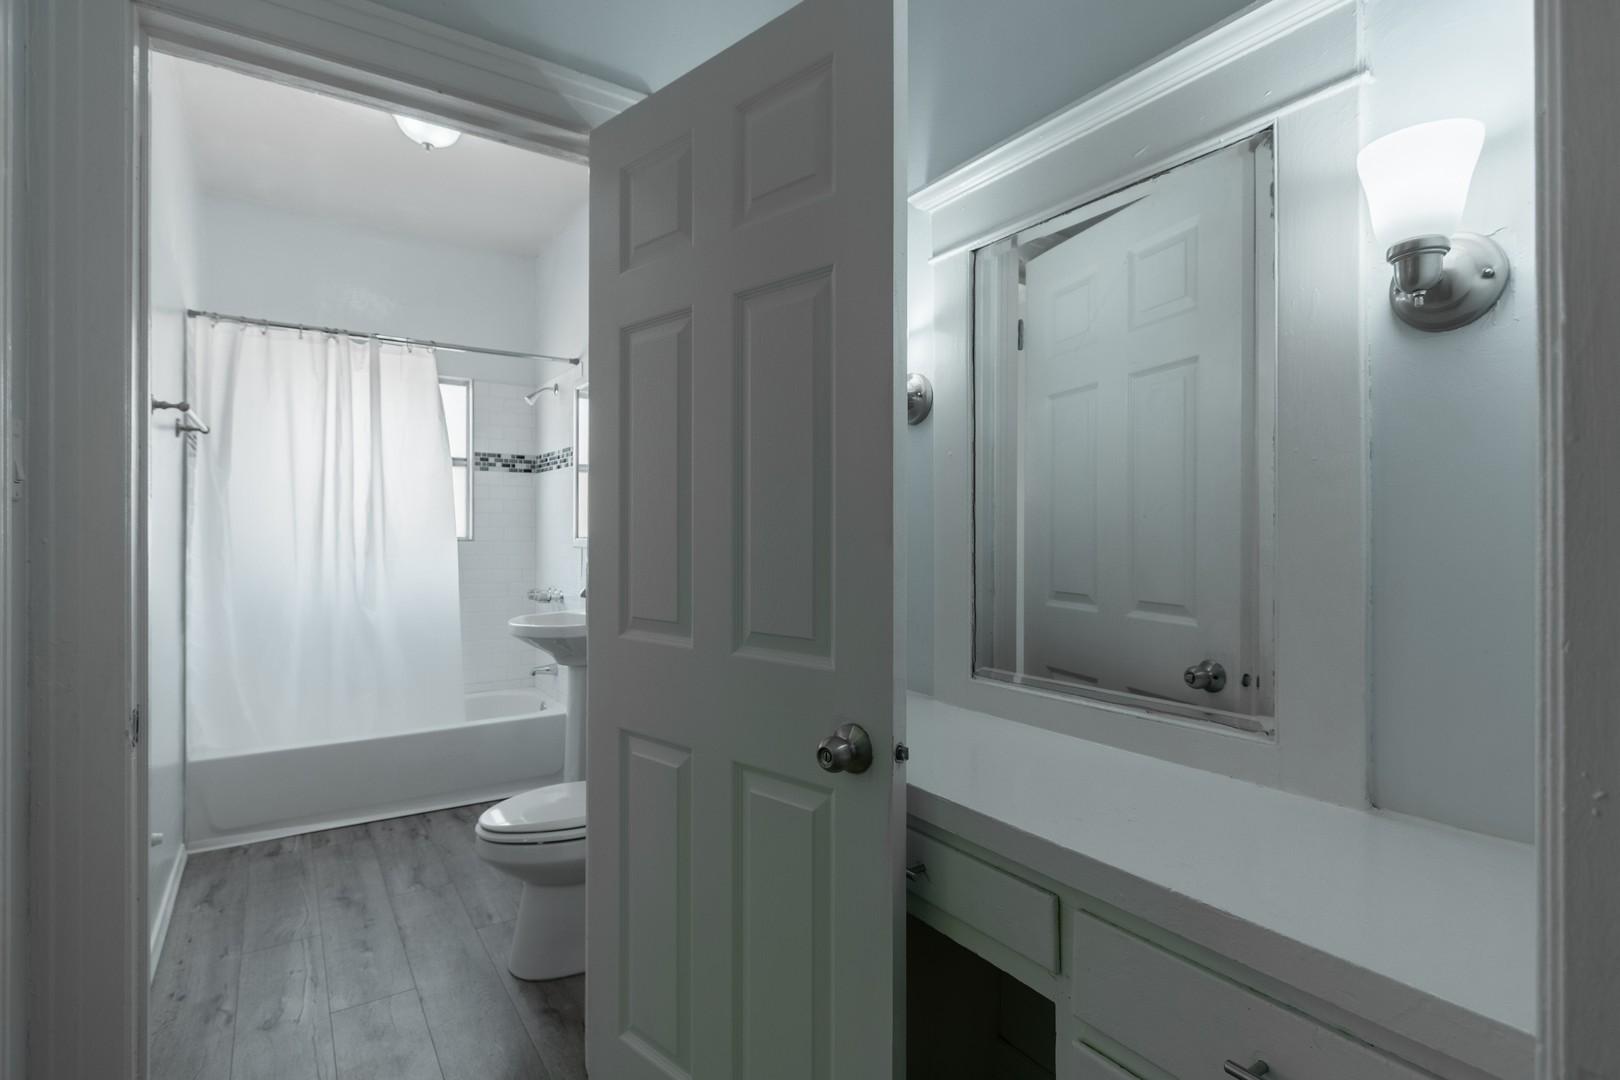 203 bath.jpg